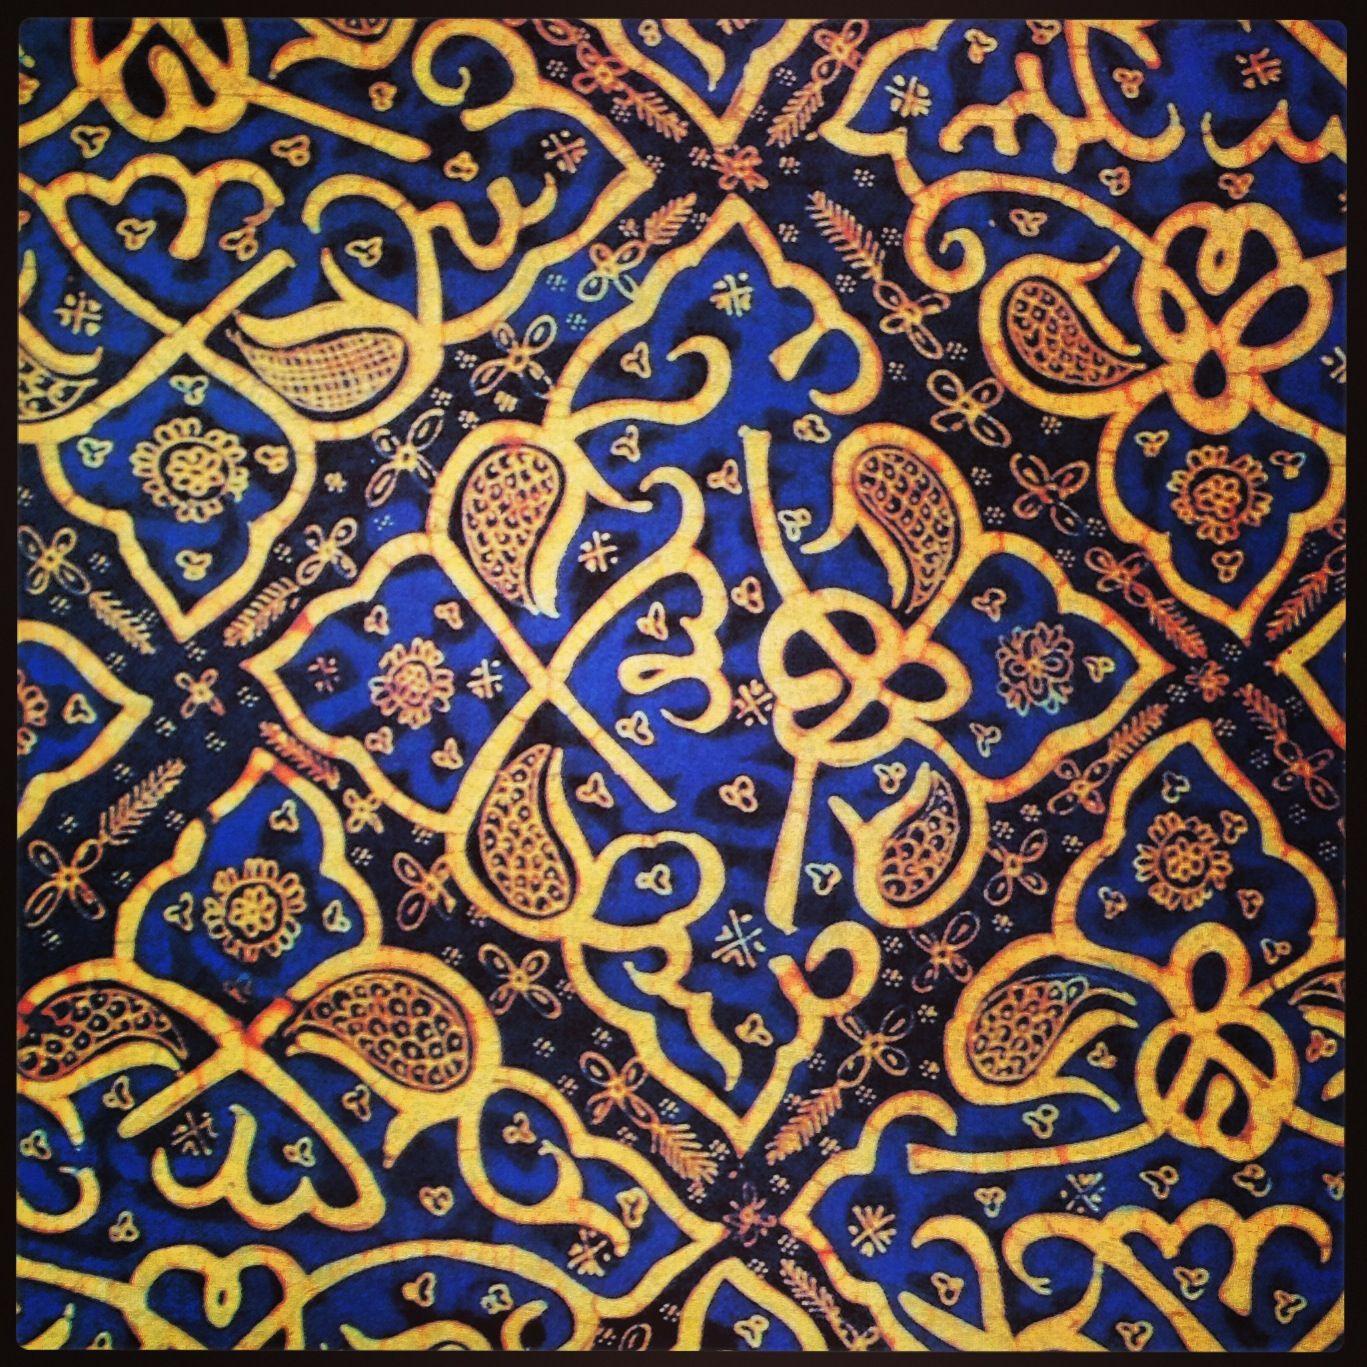 Batik, Ceplok Pattern From Palembang, South Sumatra